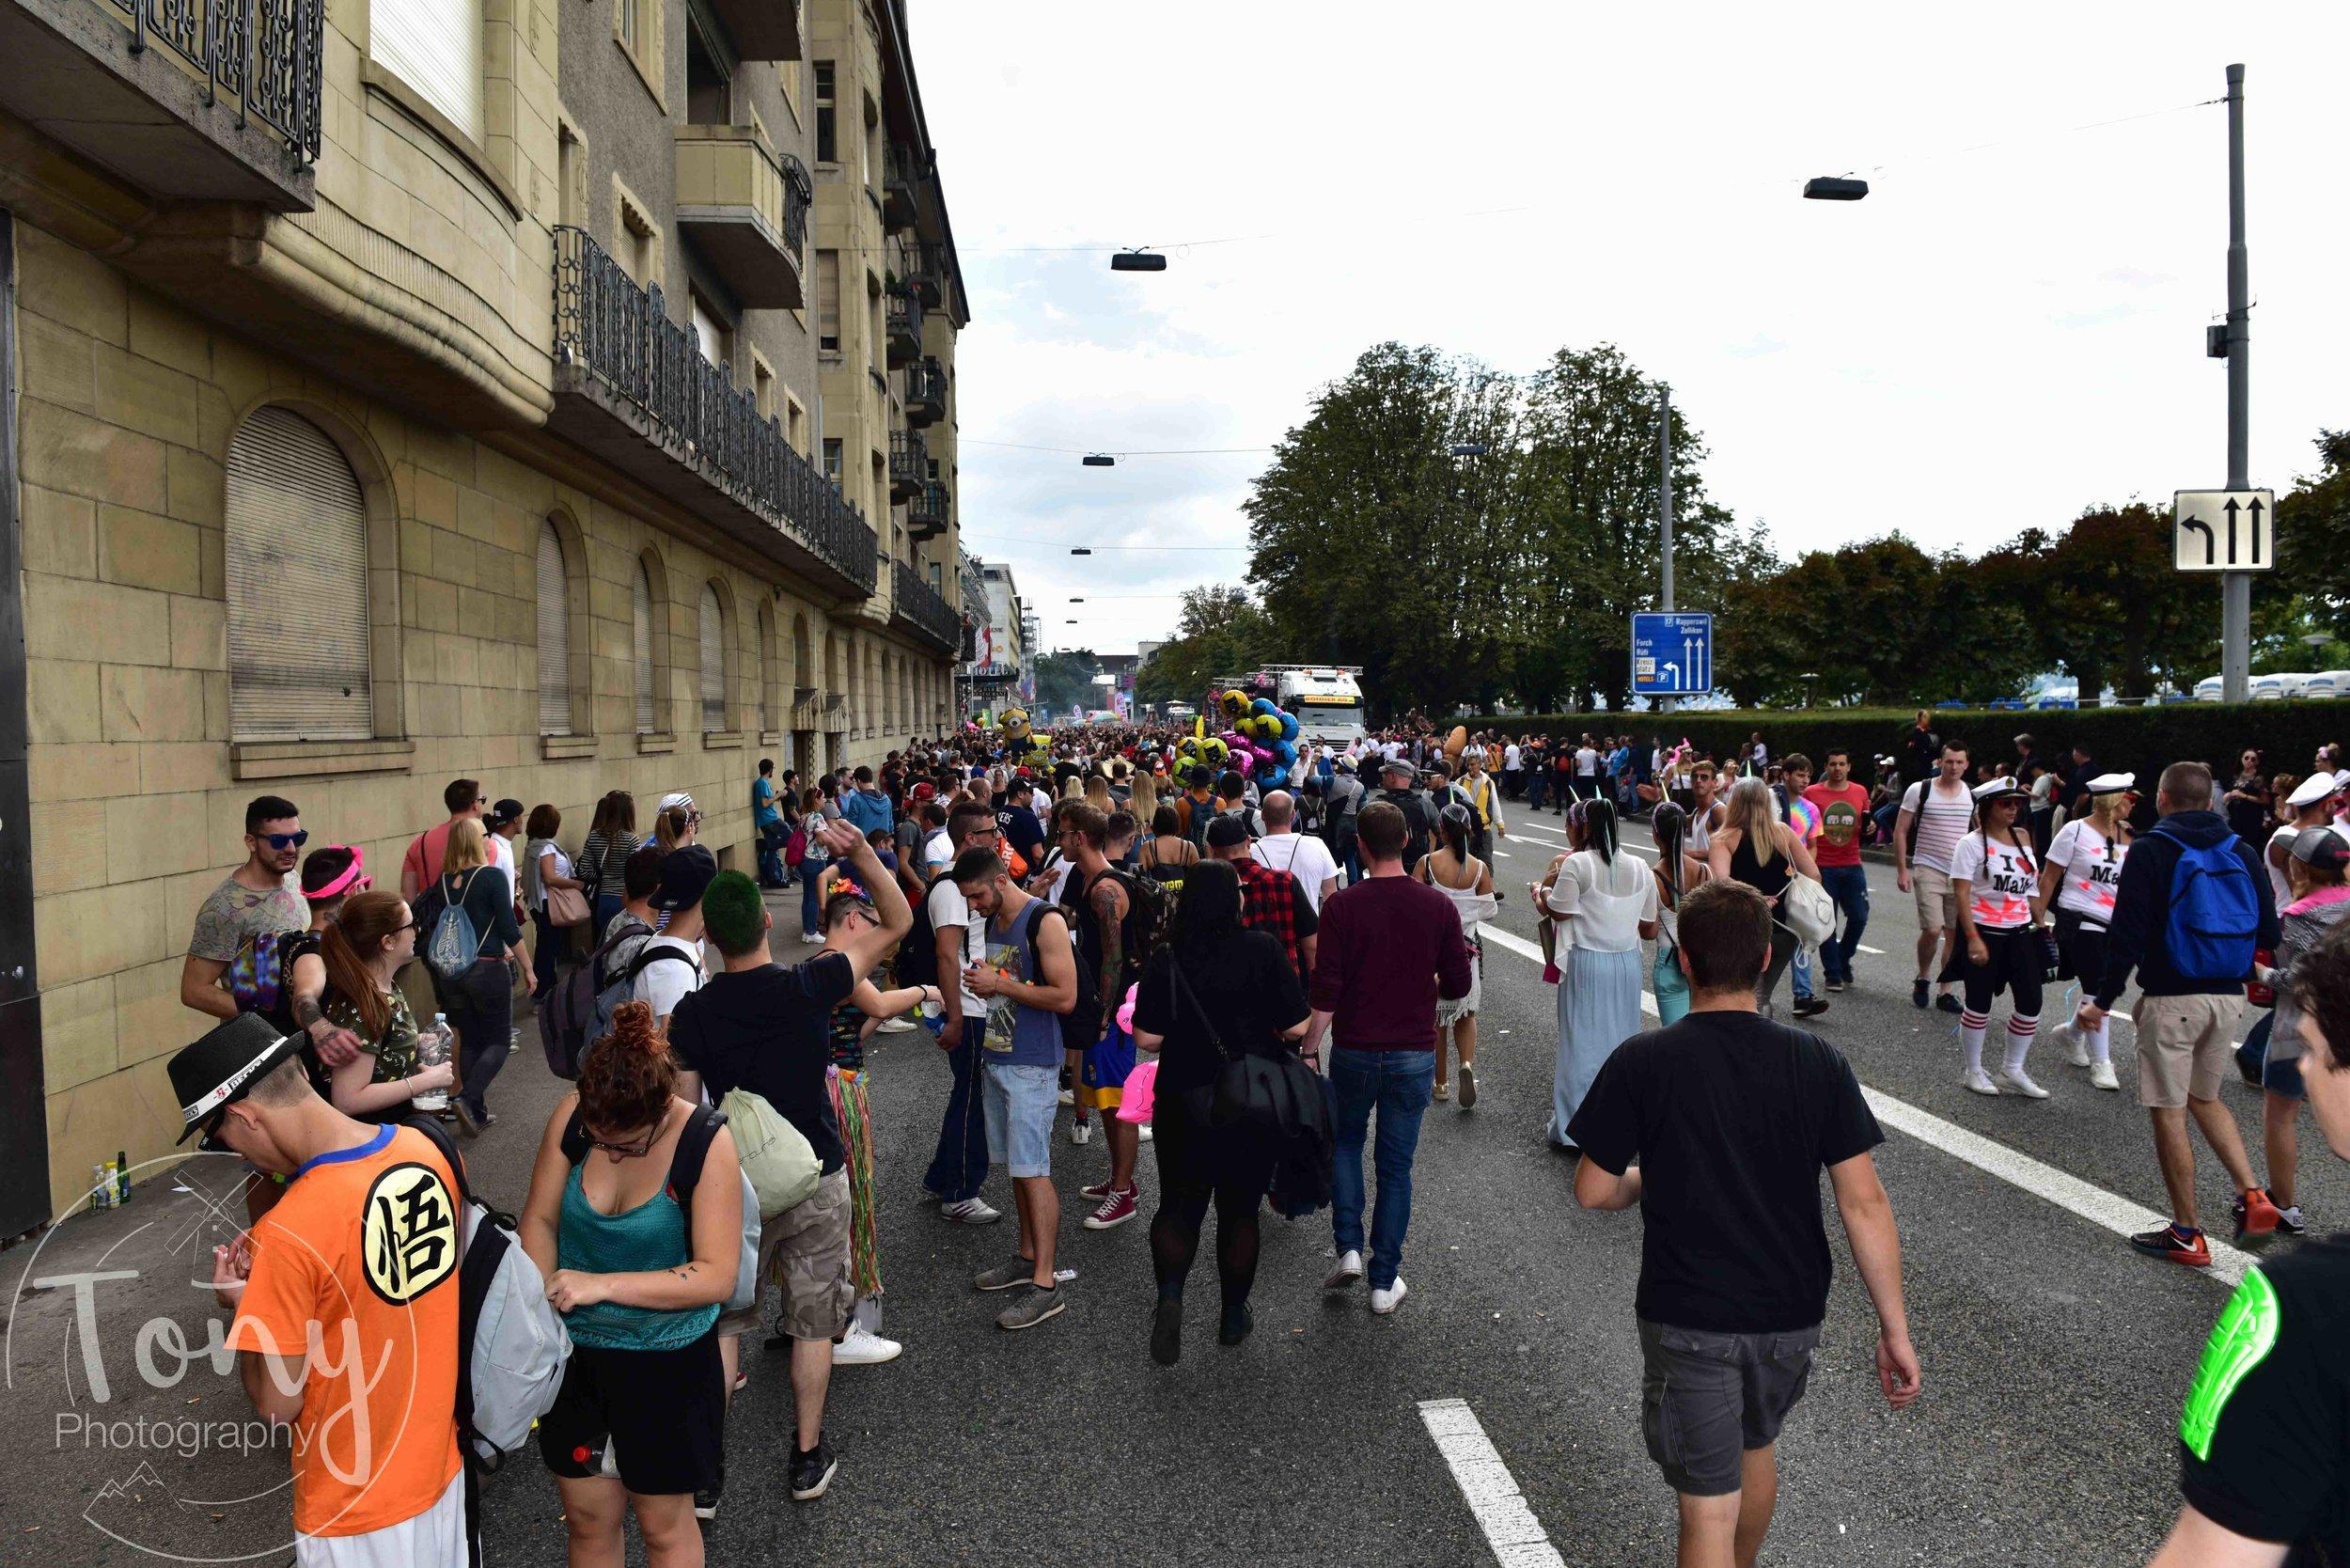 streetparade-56.jpg